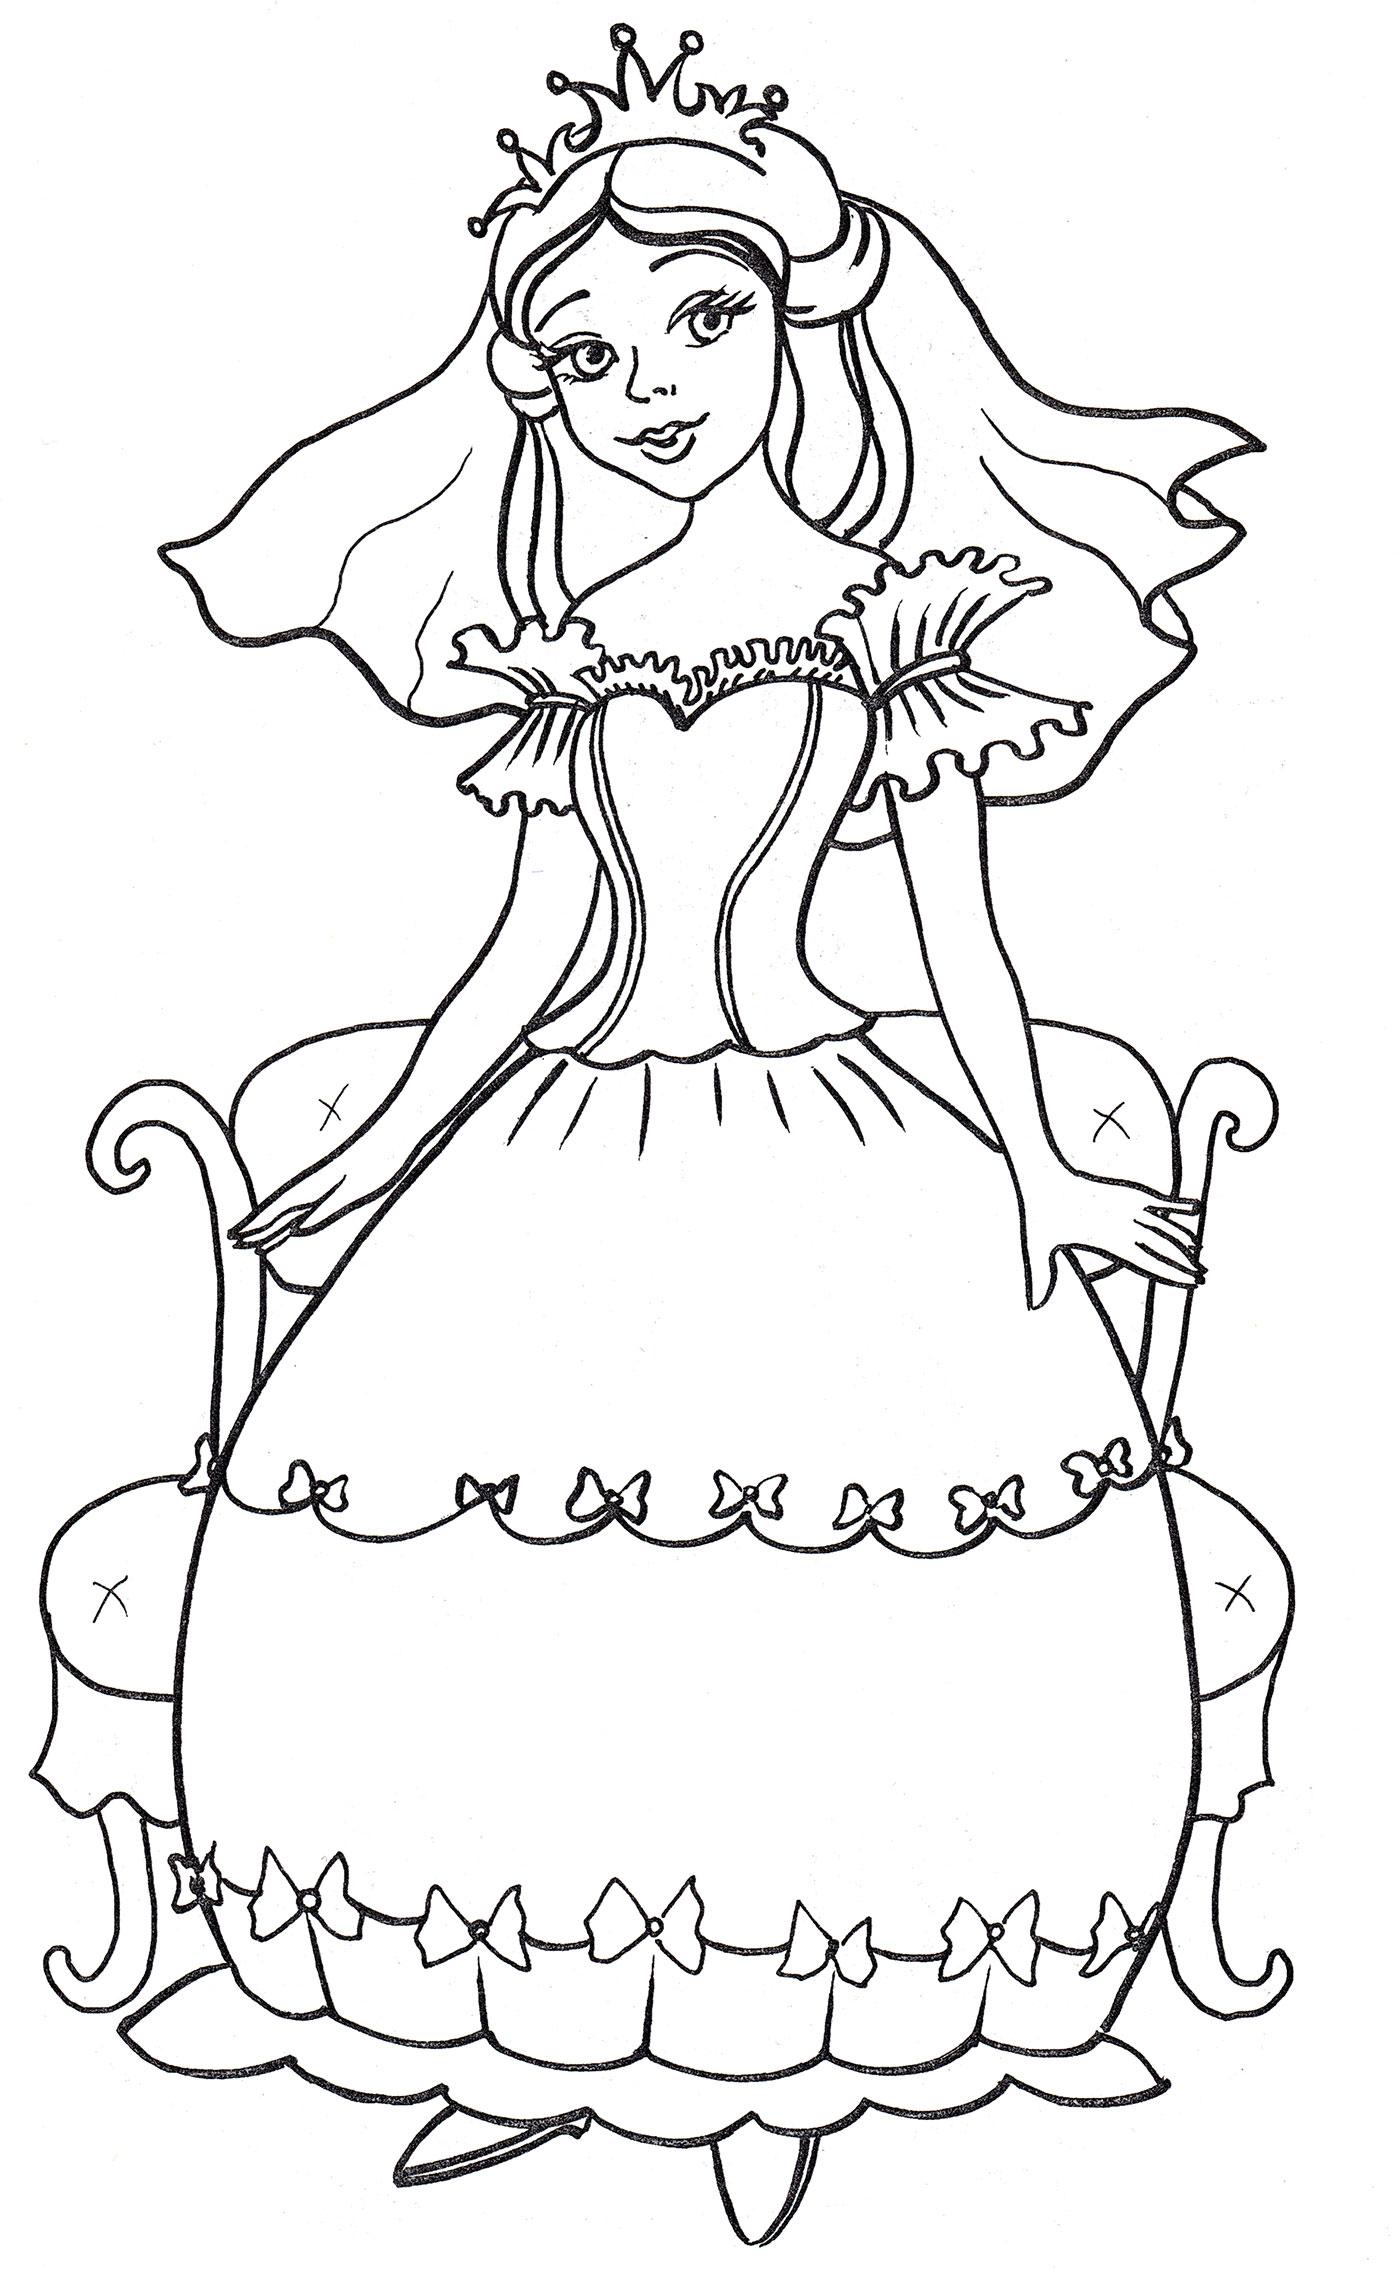 Раскраска Милая принцесса - распечатать бесплатно